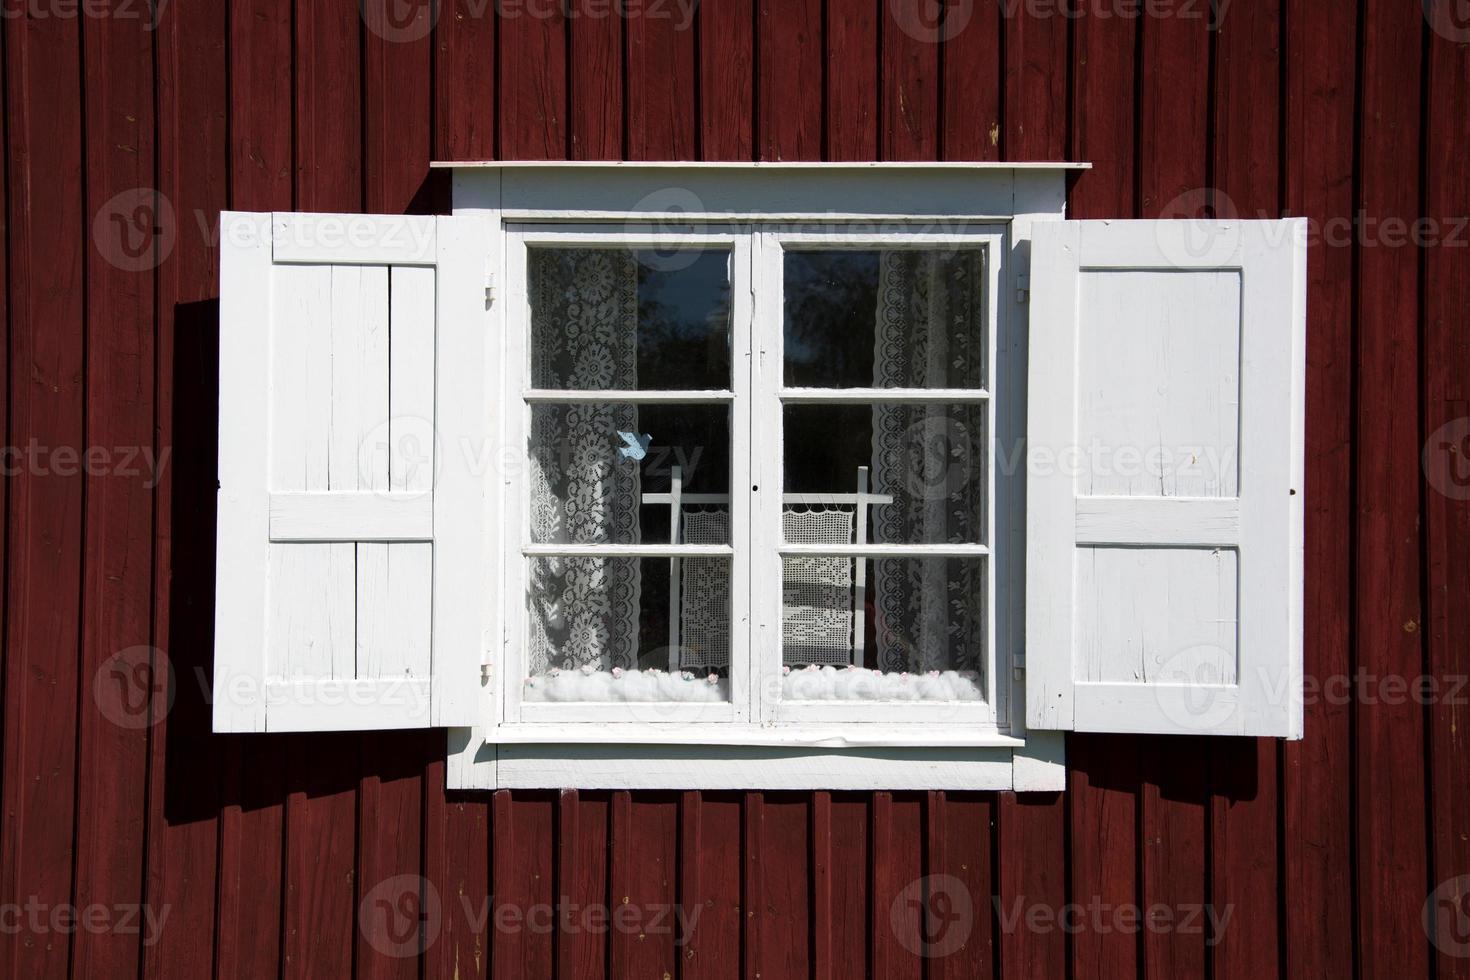 gammelstad, lulea, zweden foto